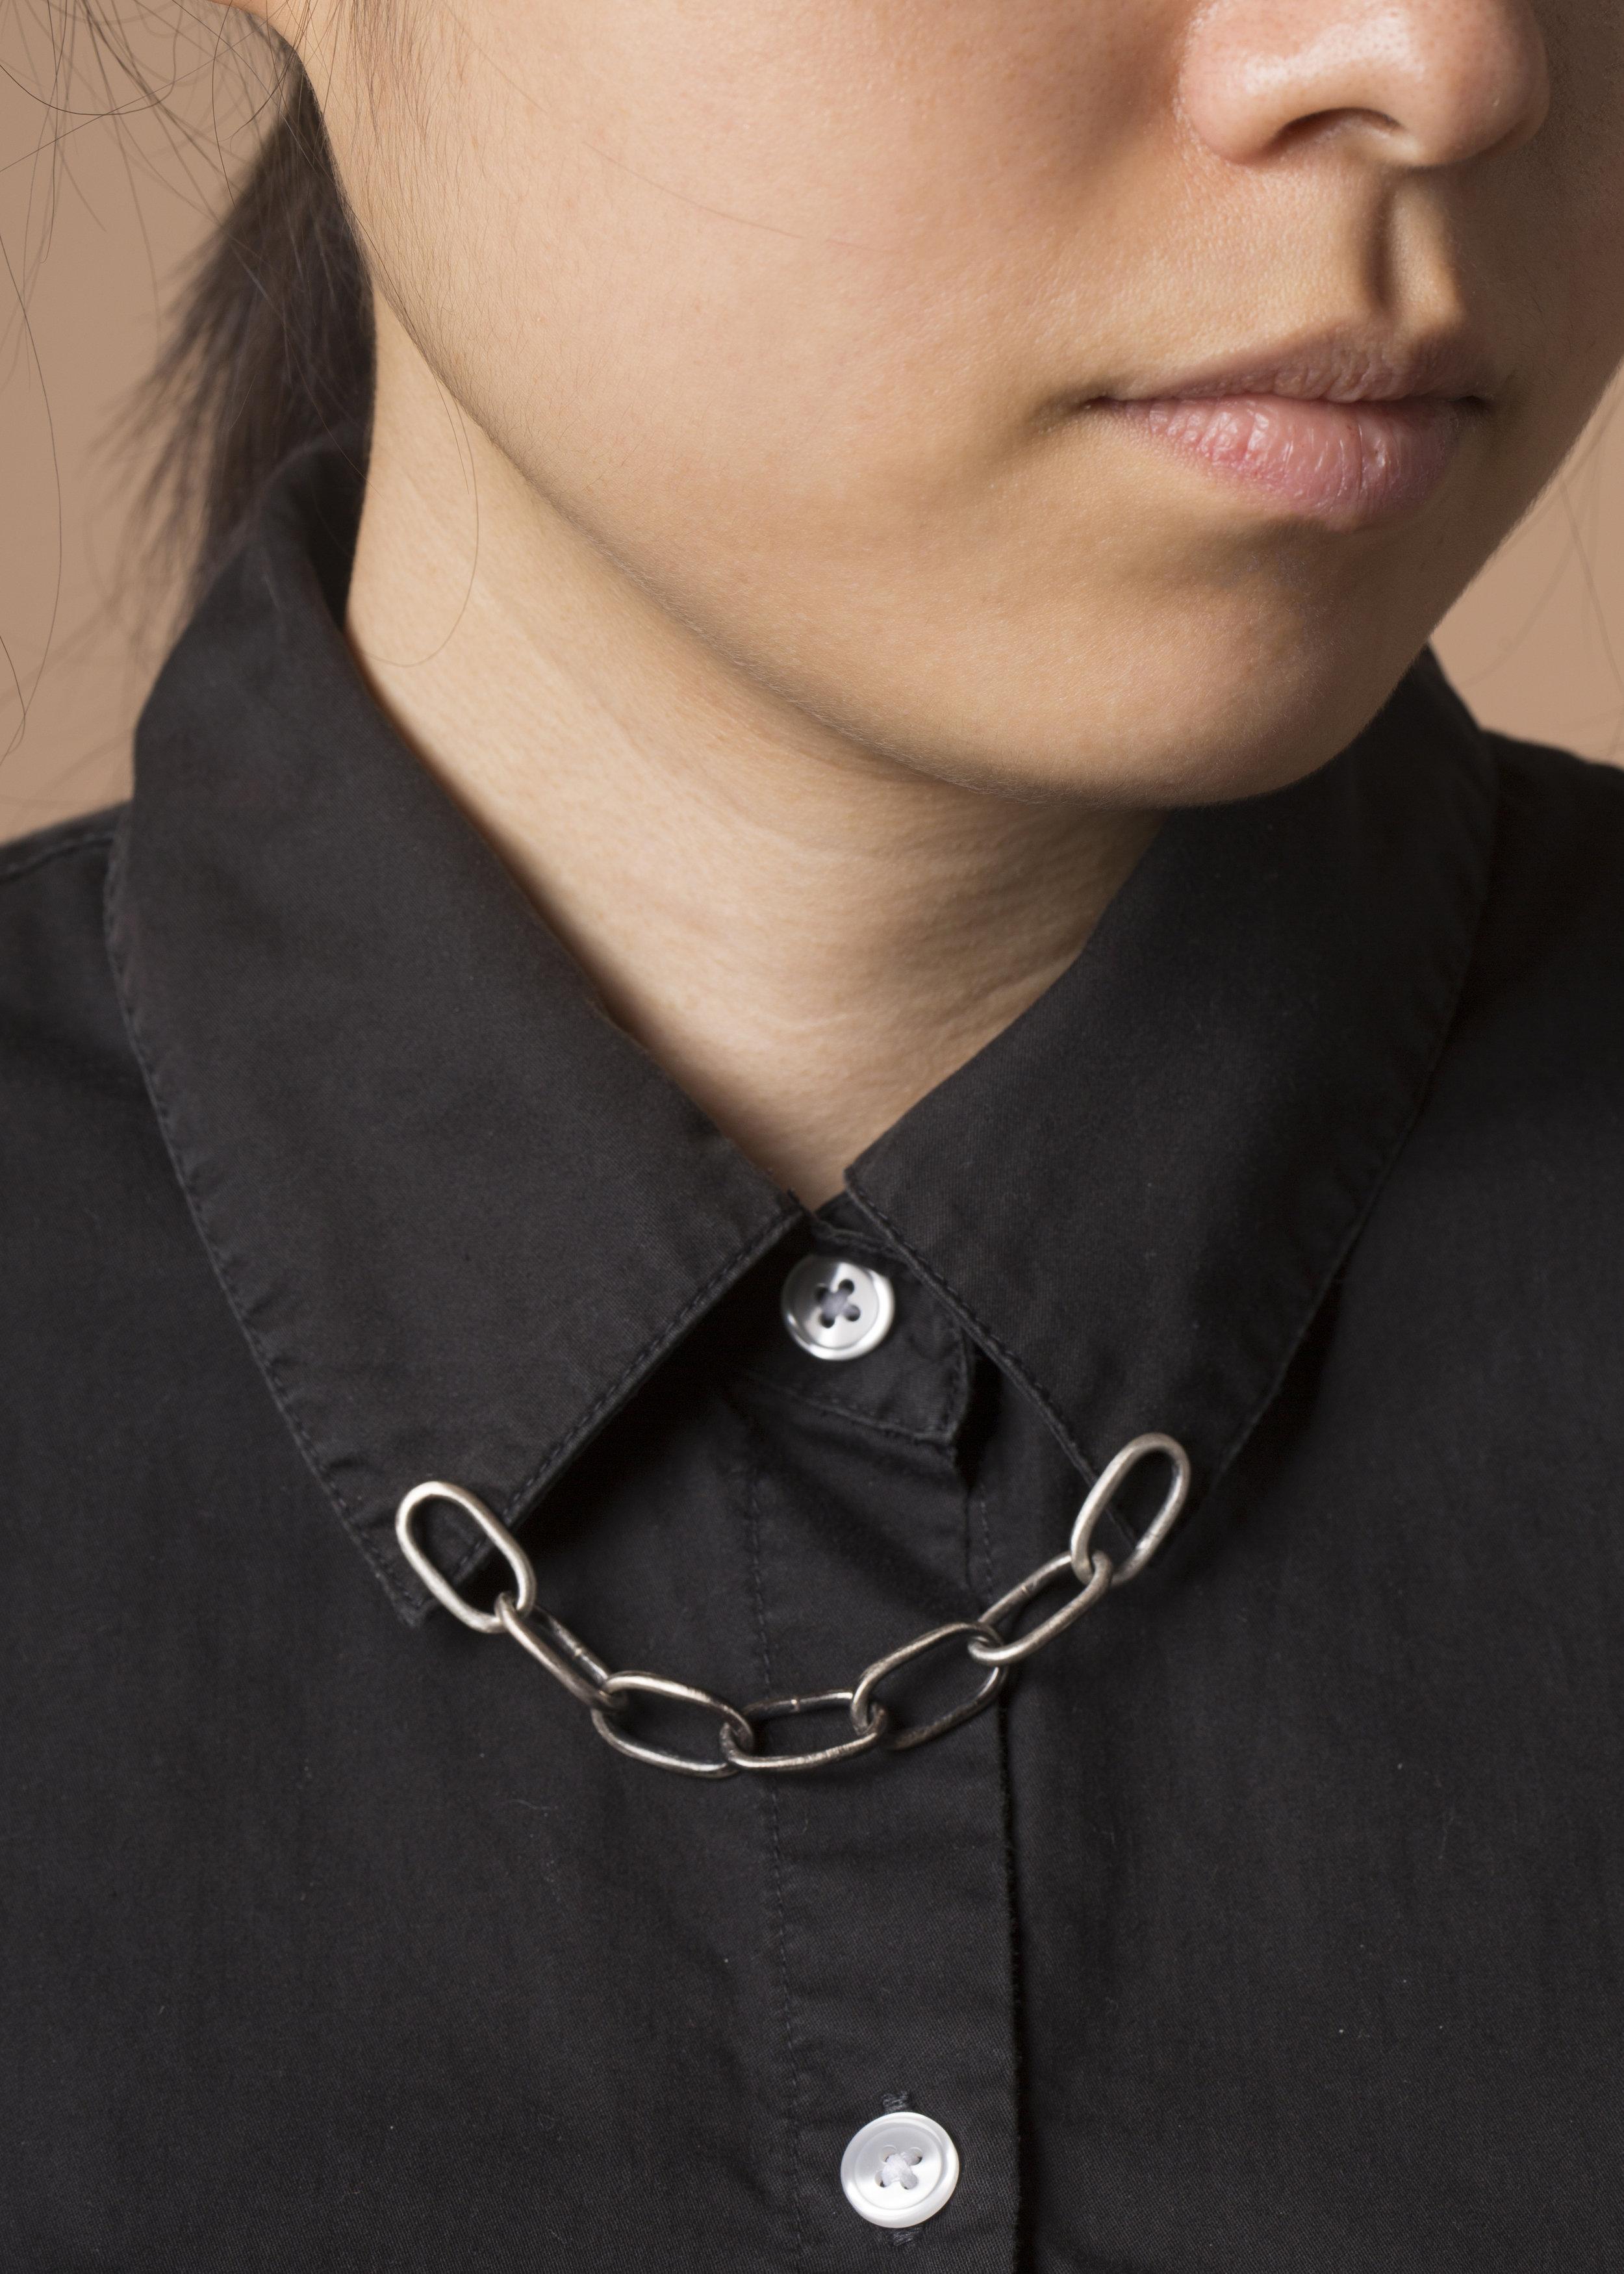 Jill Mac Jewelry-80z.jpg